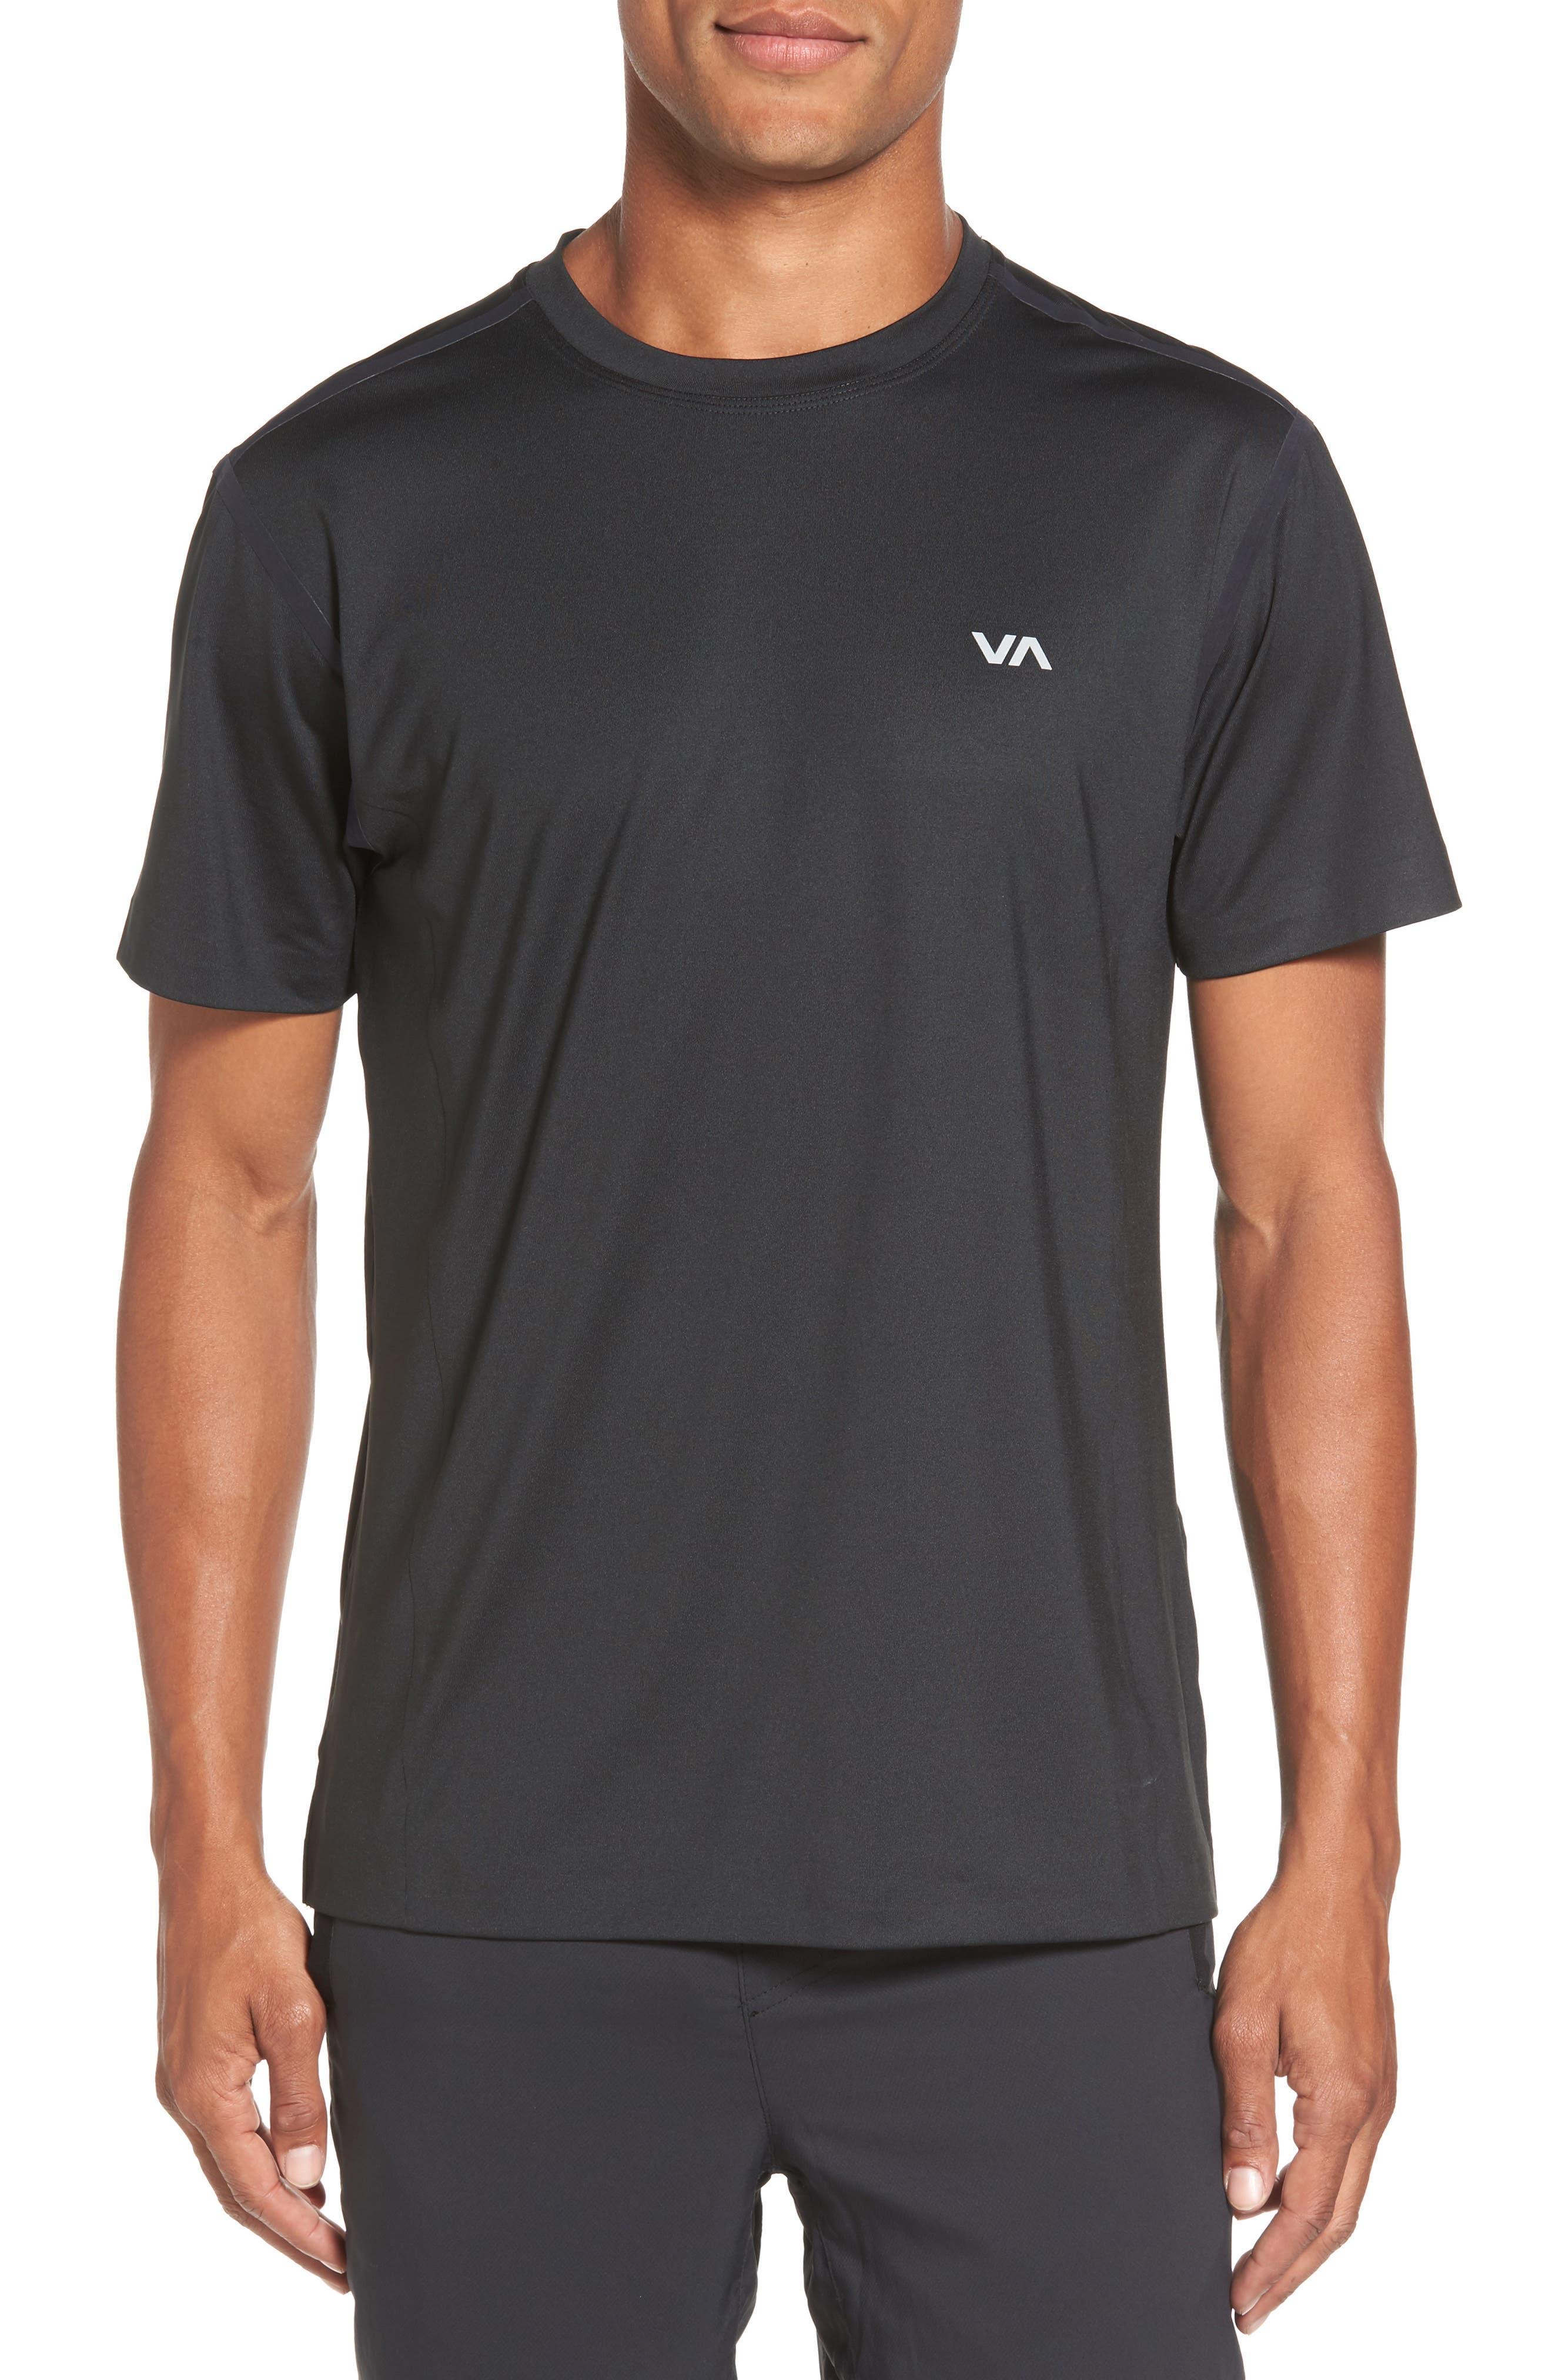 VA Compression T-Shirt,                         Main,                         color, 001